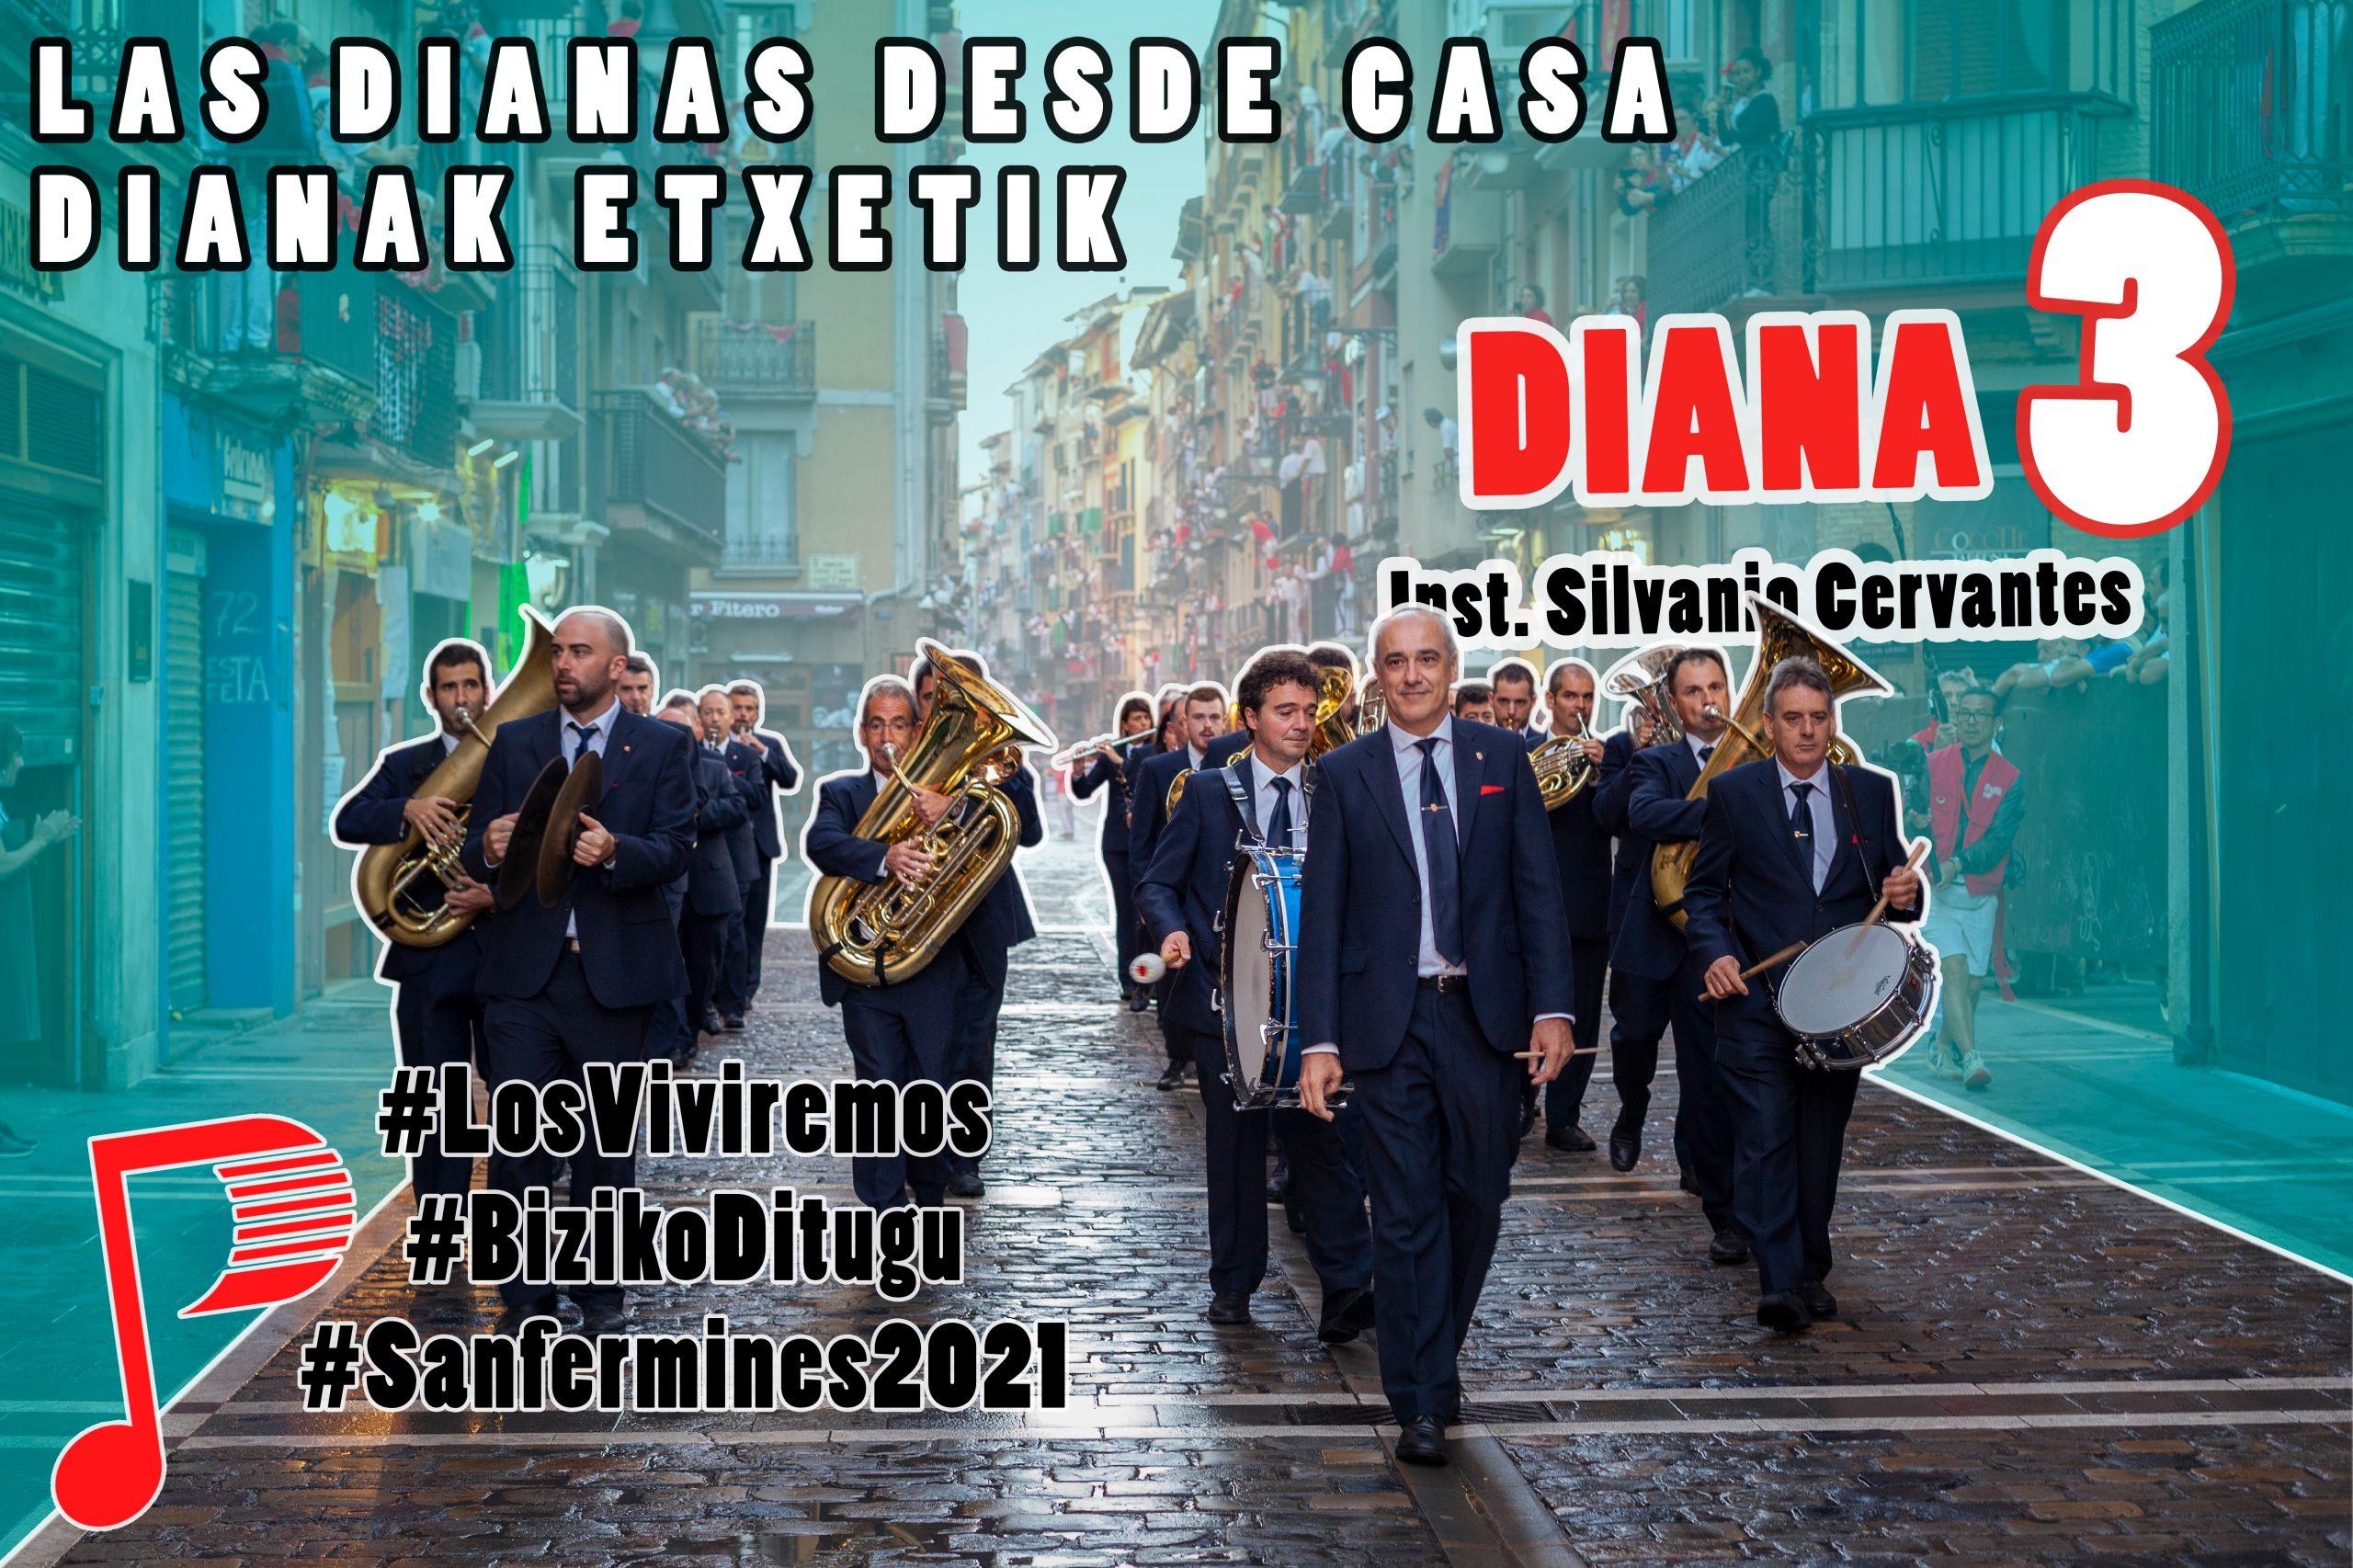 LAS DIANAS DESDE CASA